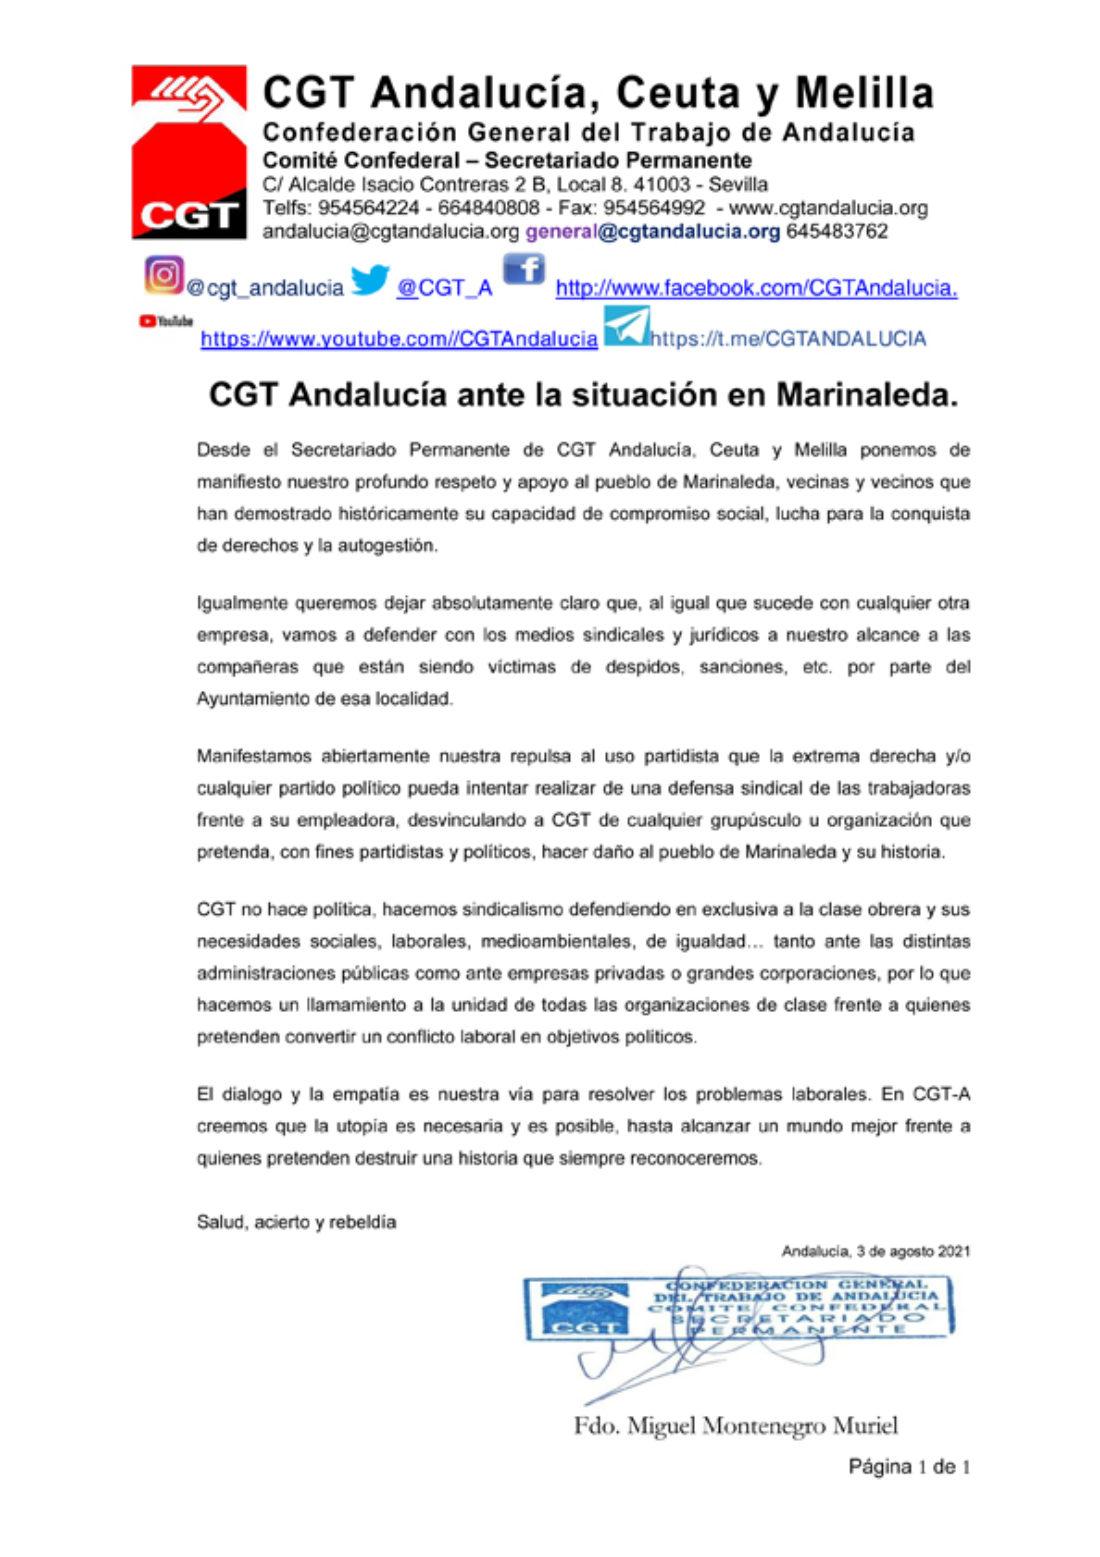 CGT Andalucía ante la situación en Marinaleda